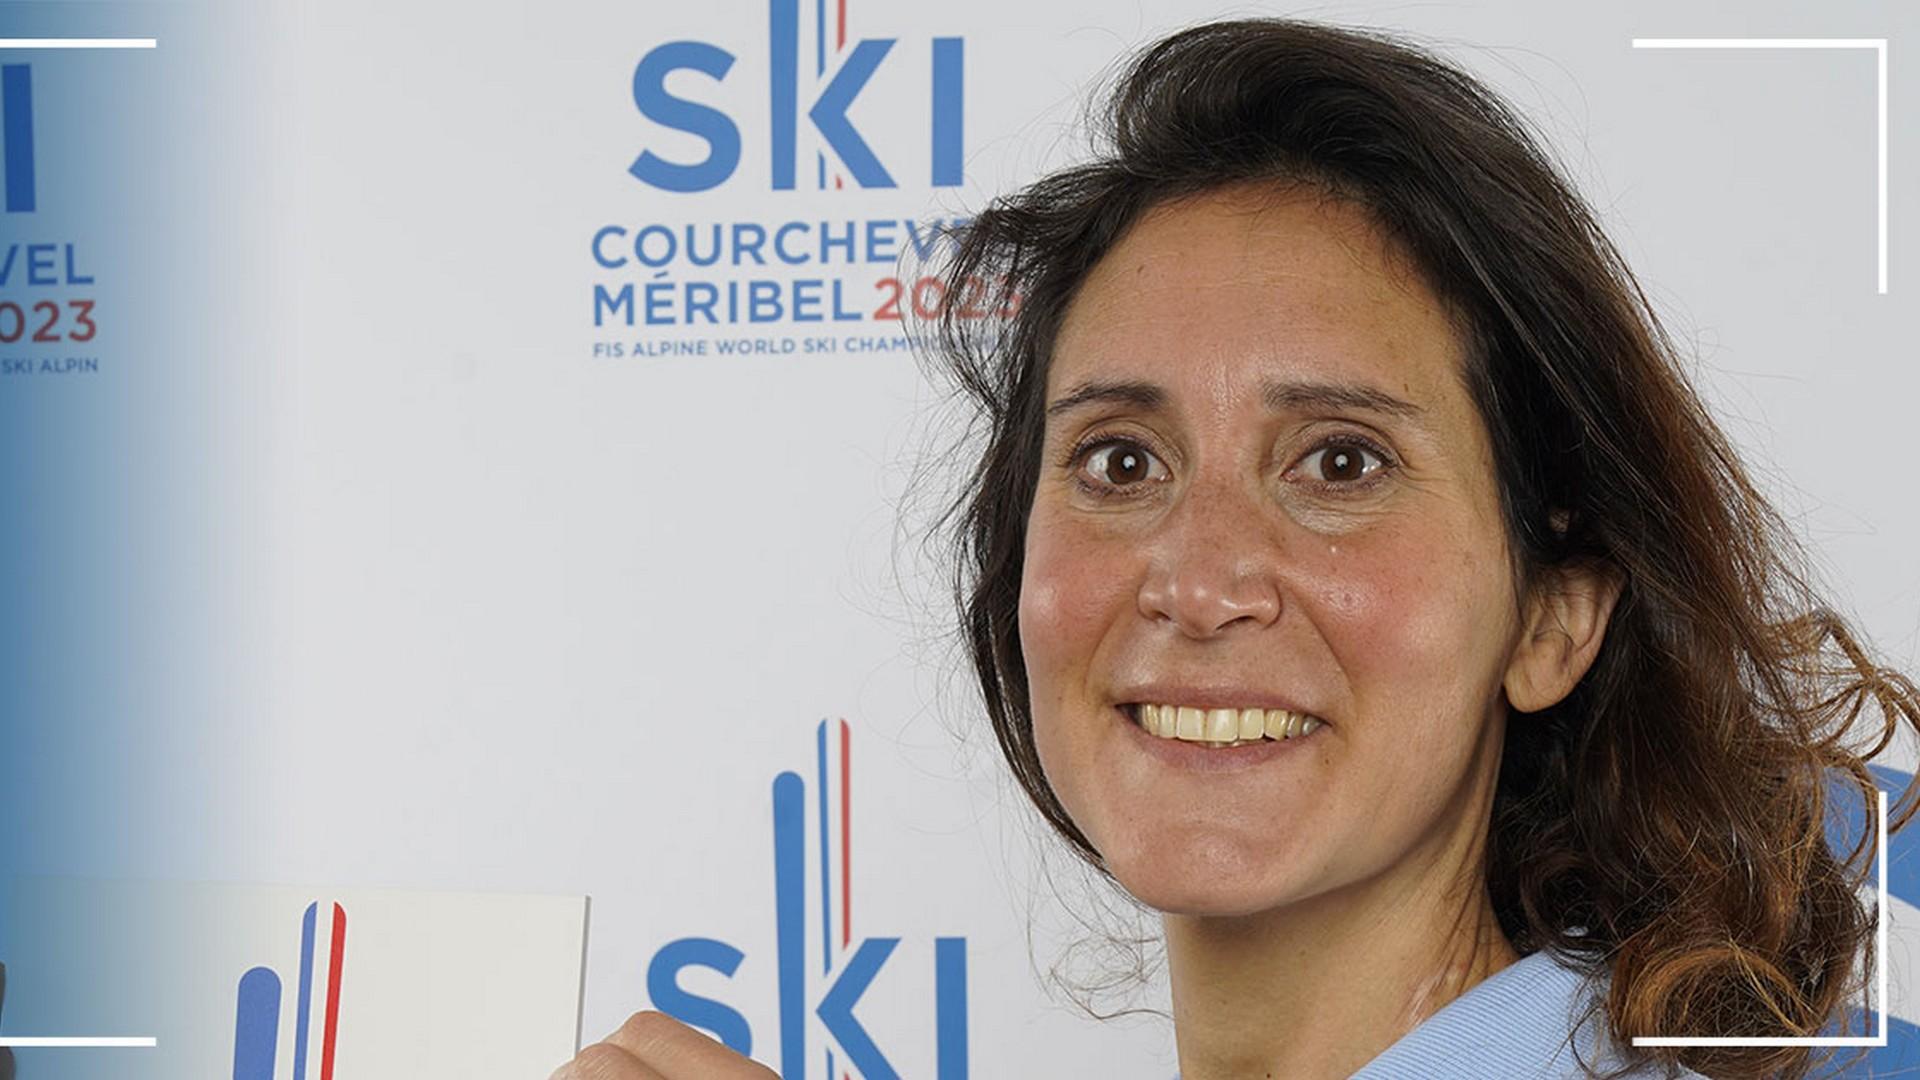 Prévost Céline (1) Ski Courchevel 2023